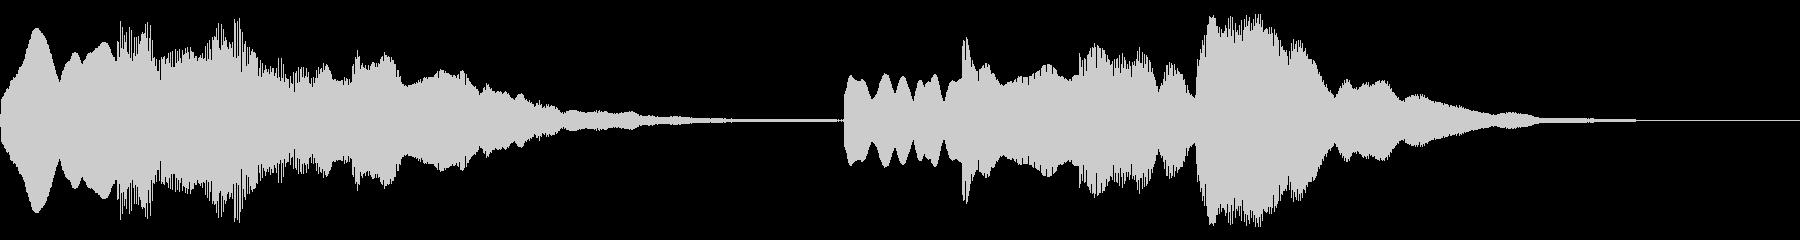 ピンポンパンポン ↑↓ 案内 館内放送の未再生の波形